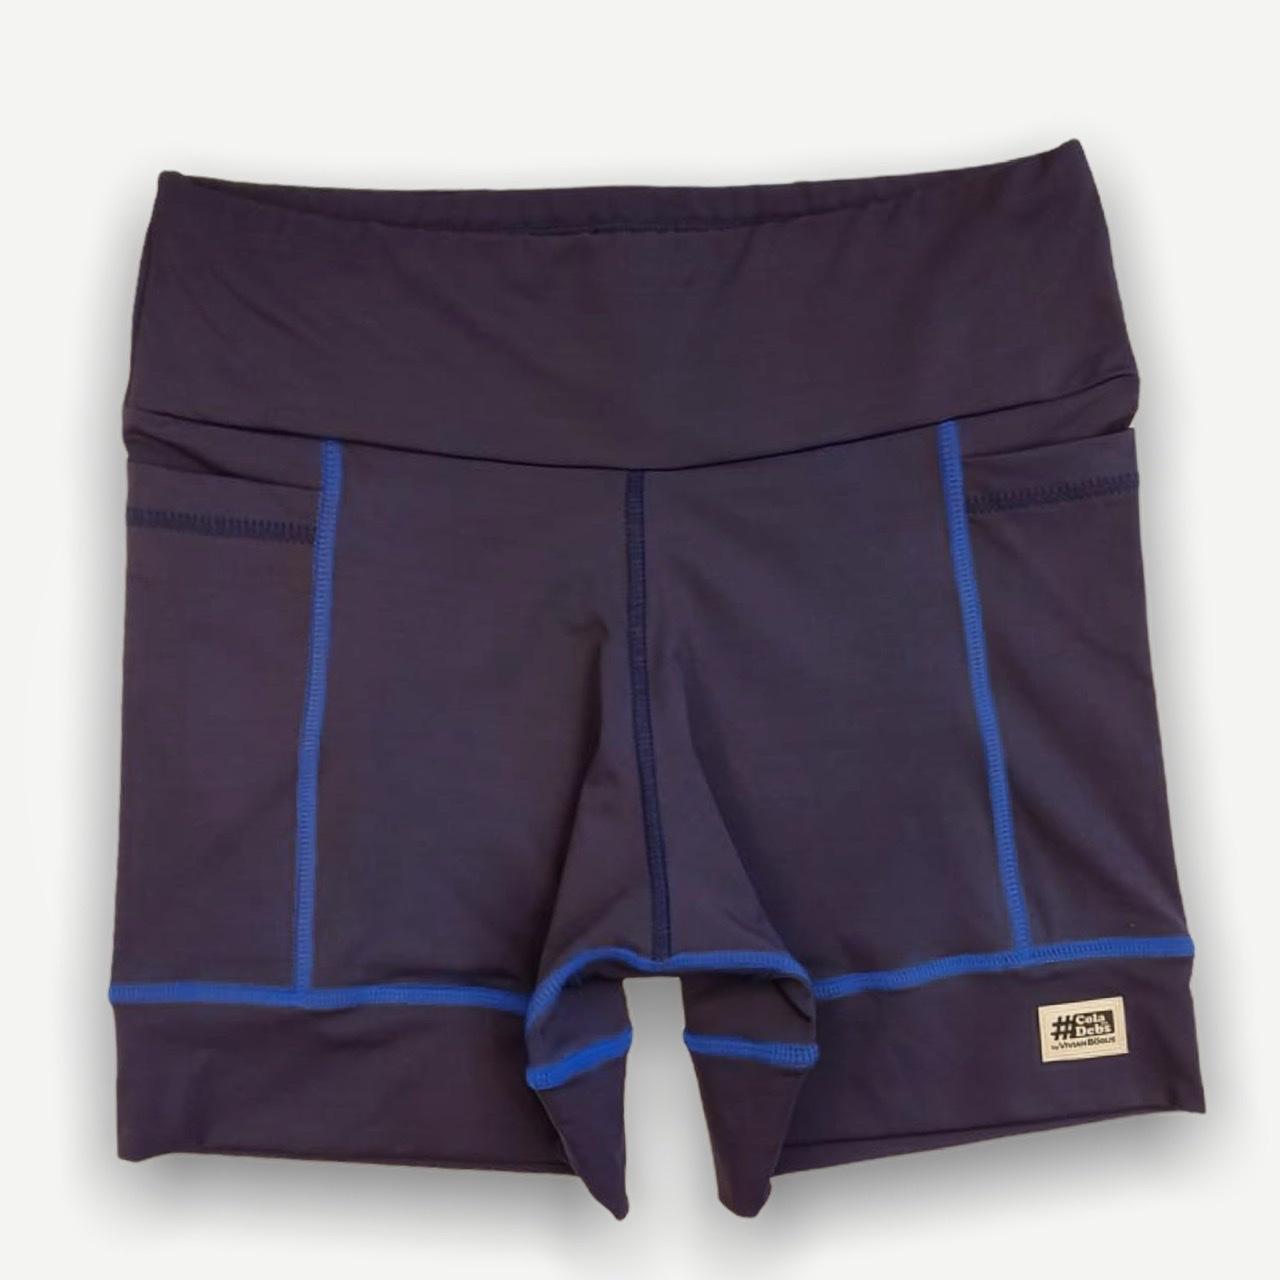 Shorts de compressão Square em sportiva azul marinho com costuras royal